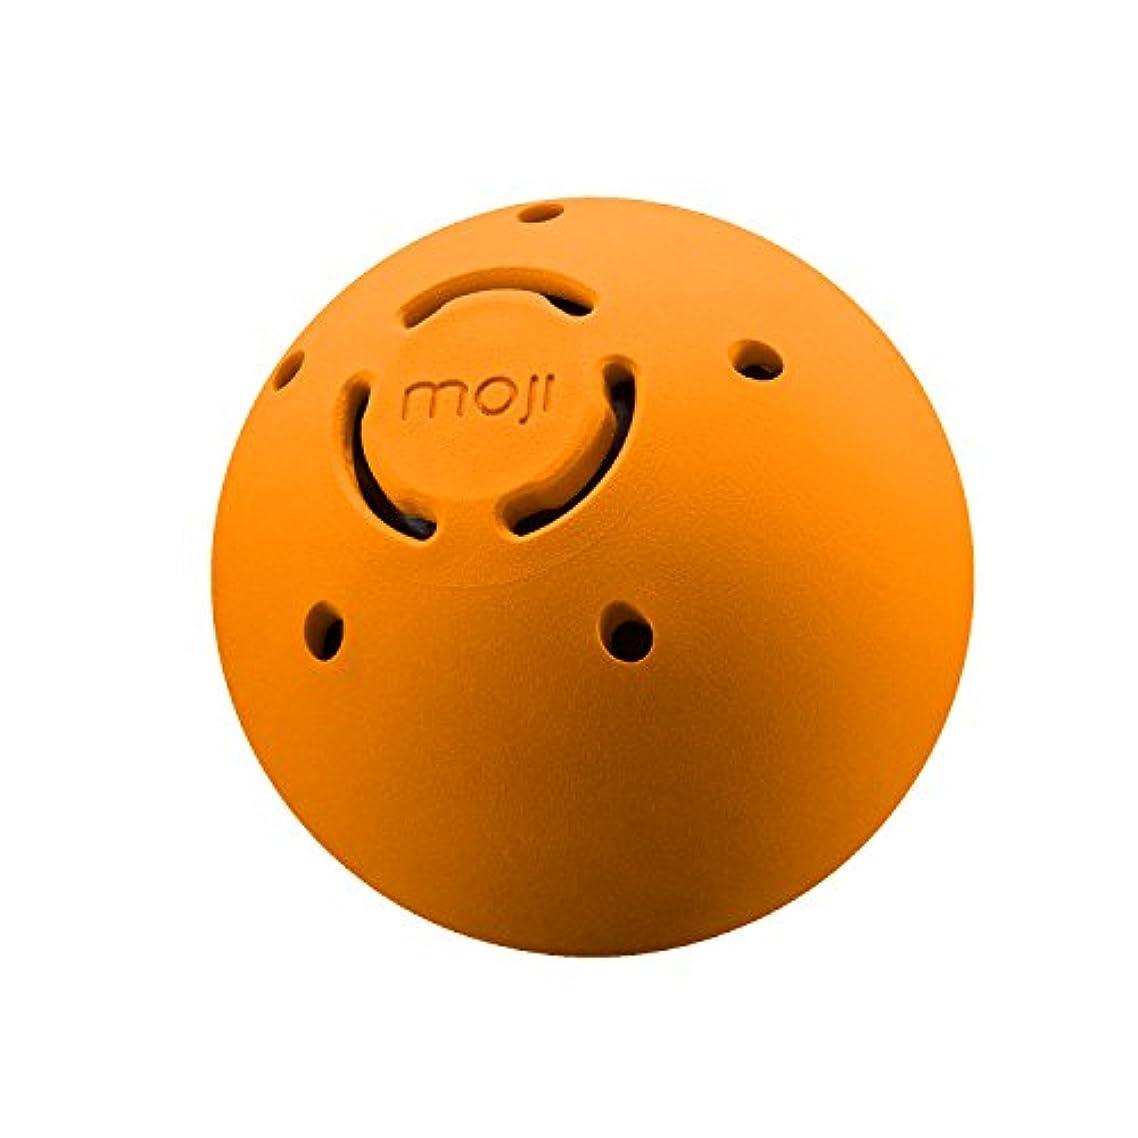 受ける謙虚な決して温熱 マッサージボール 筋肉の痛み 筋肉をほぐす 血流促進 MojiHeat Massage Ball (Large)